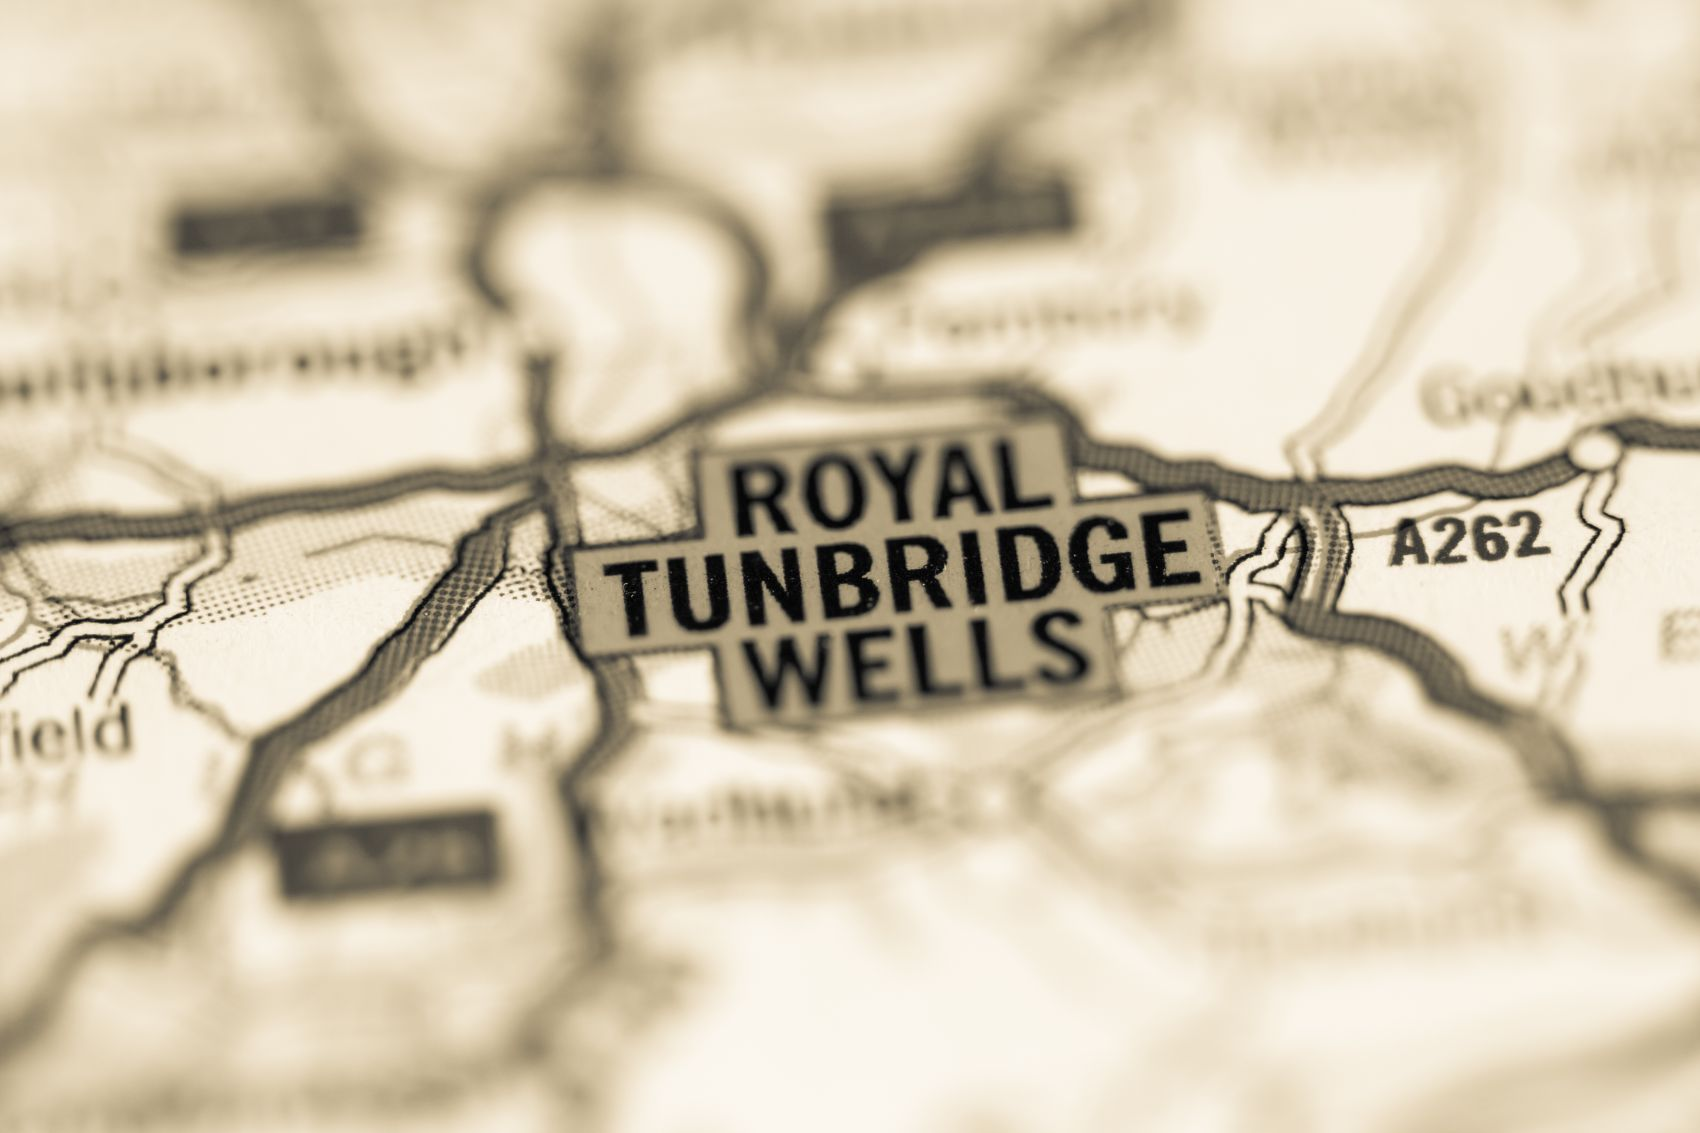 Website design in Royal Tunbridge Wells